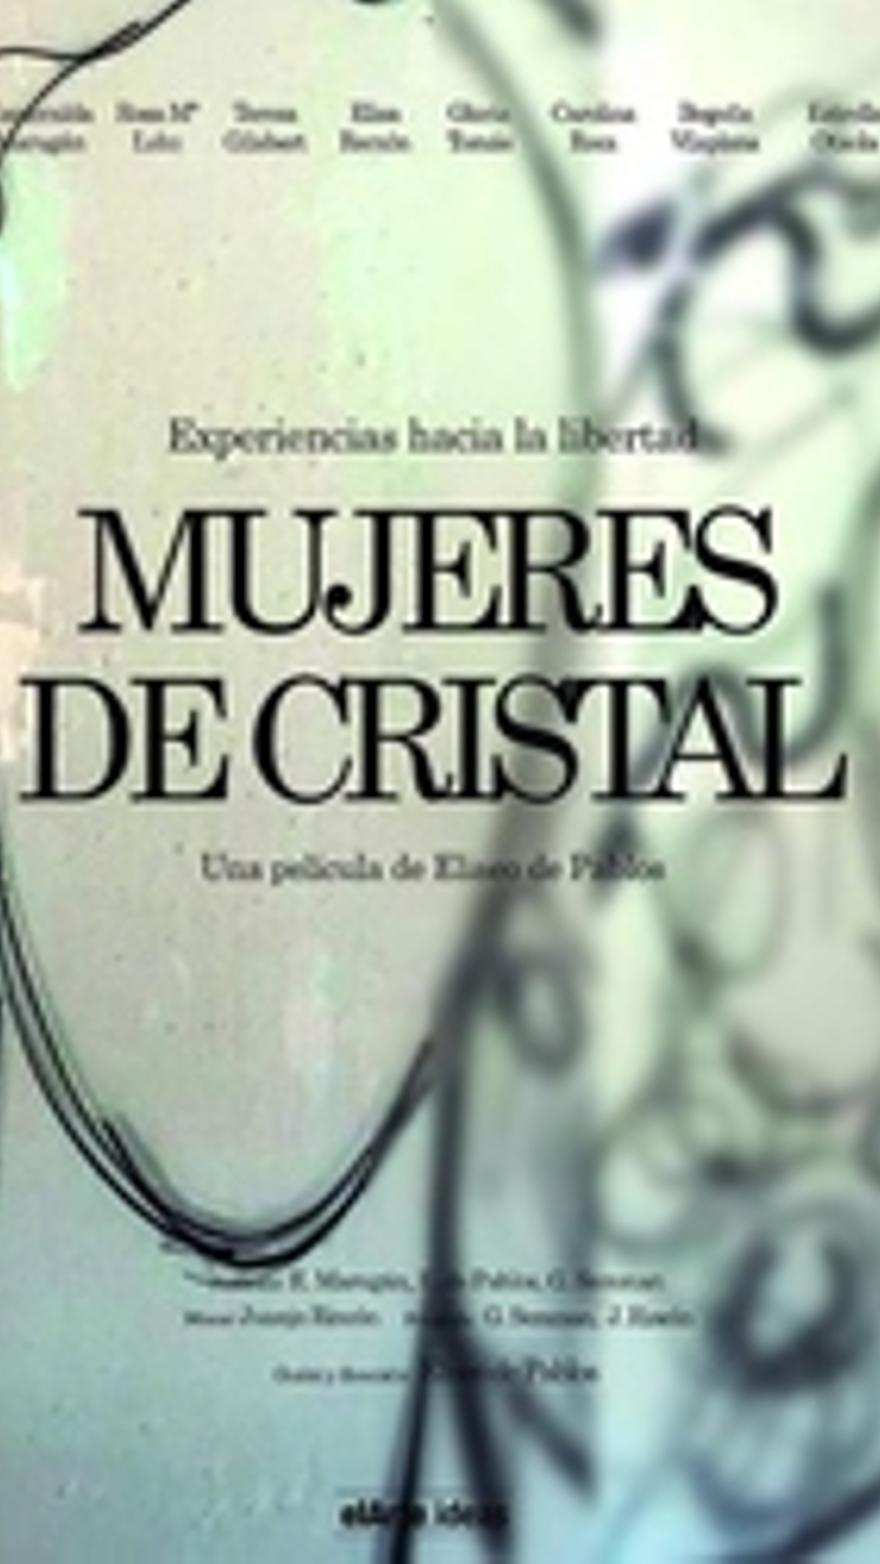 Mujeres de cristal